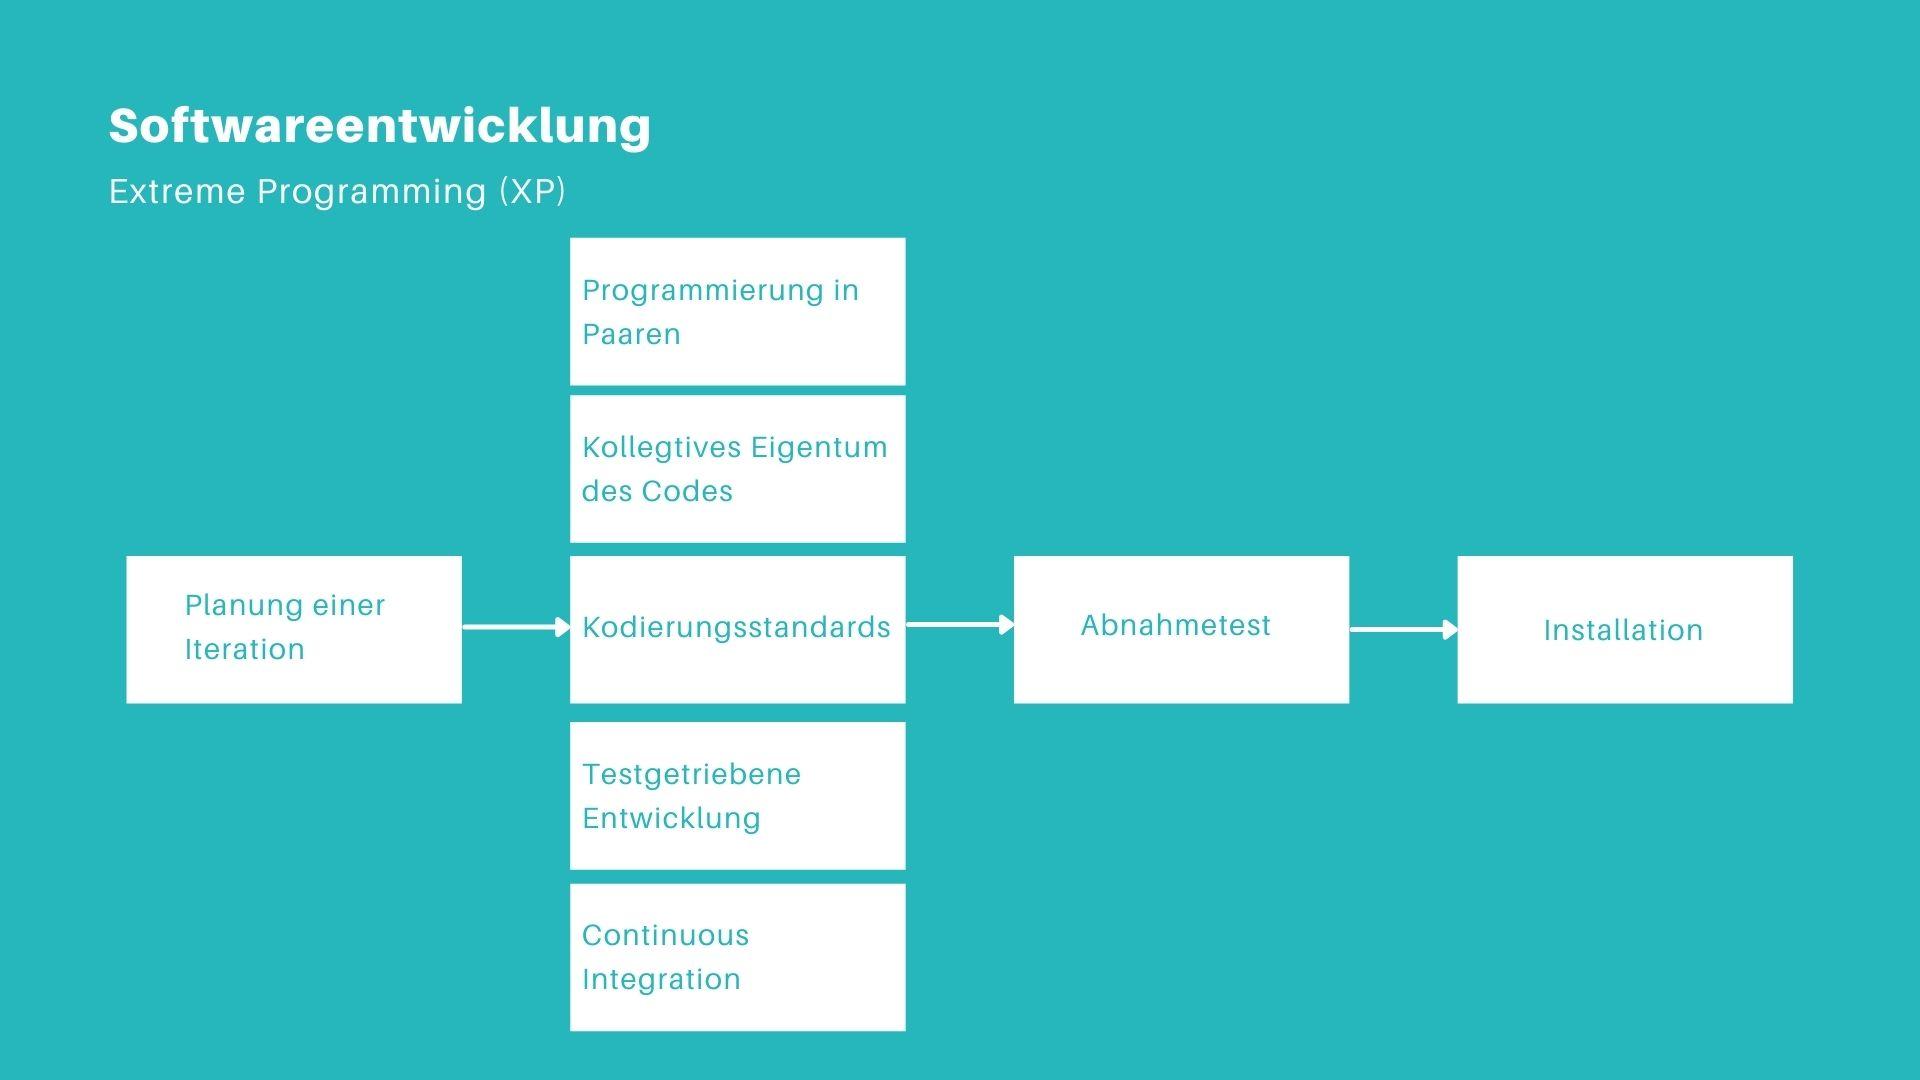 Extrem Programming in der Softwareentwicklung